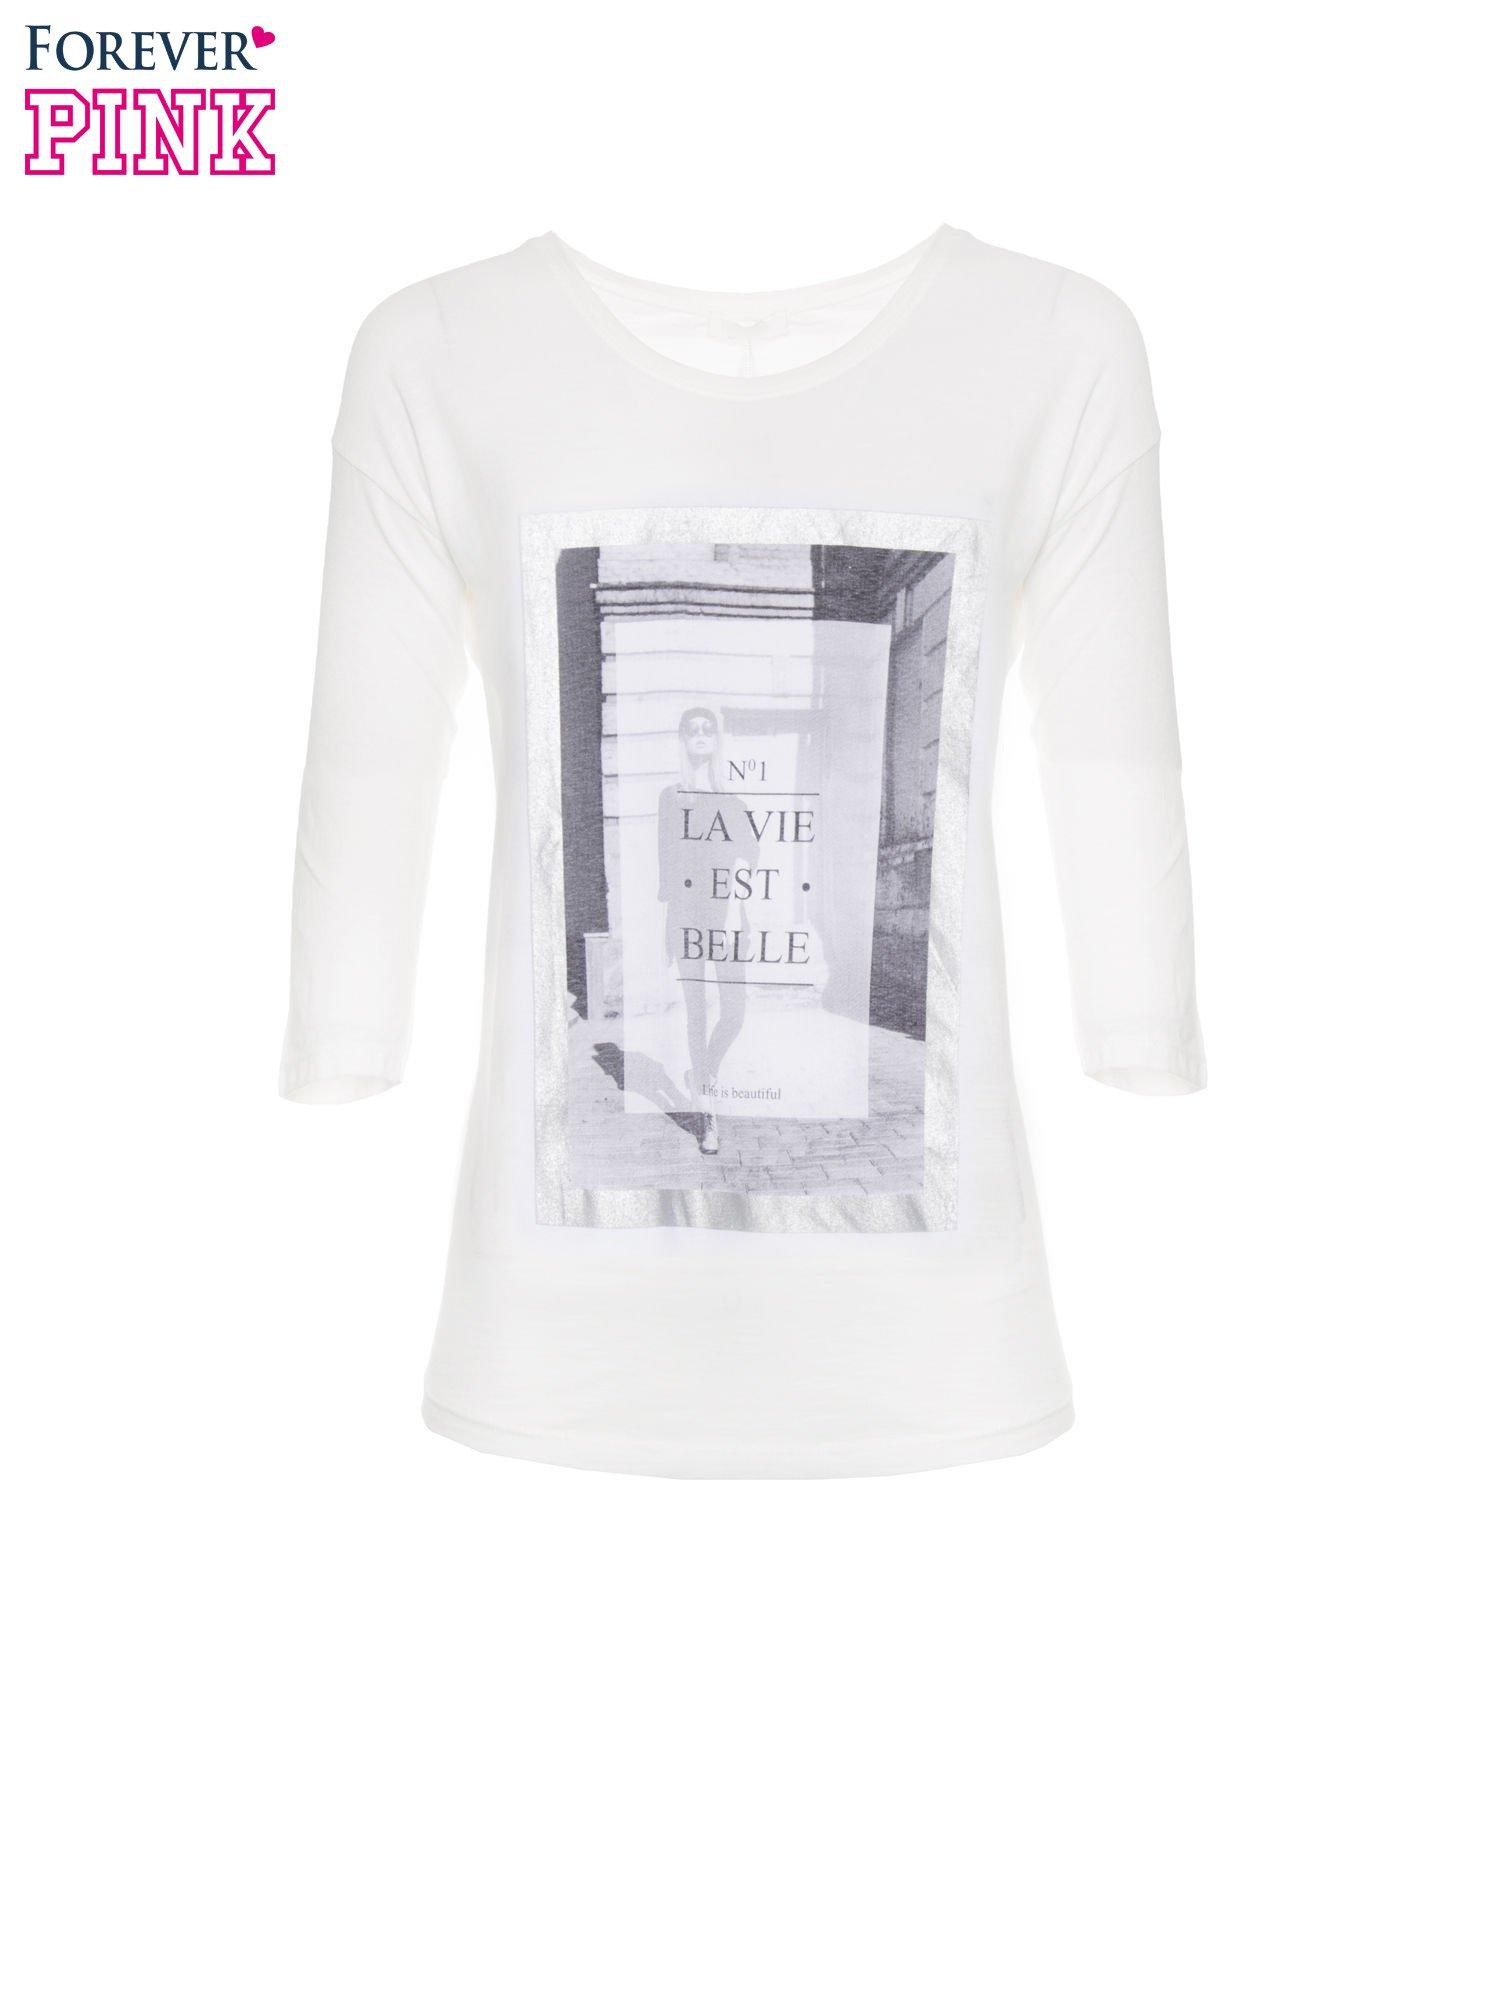 Biała bluzka w stylu fashion z nadrukiem LA VIE EST BELLE                                  zdj.                                  2